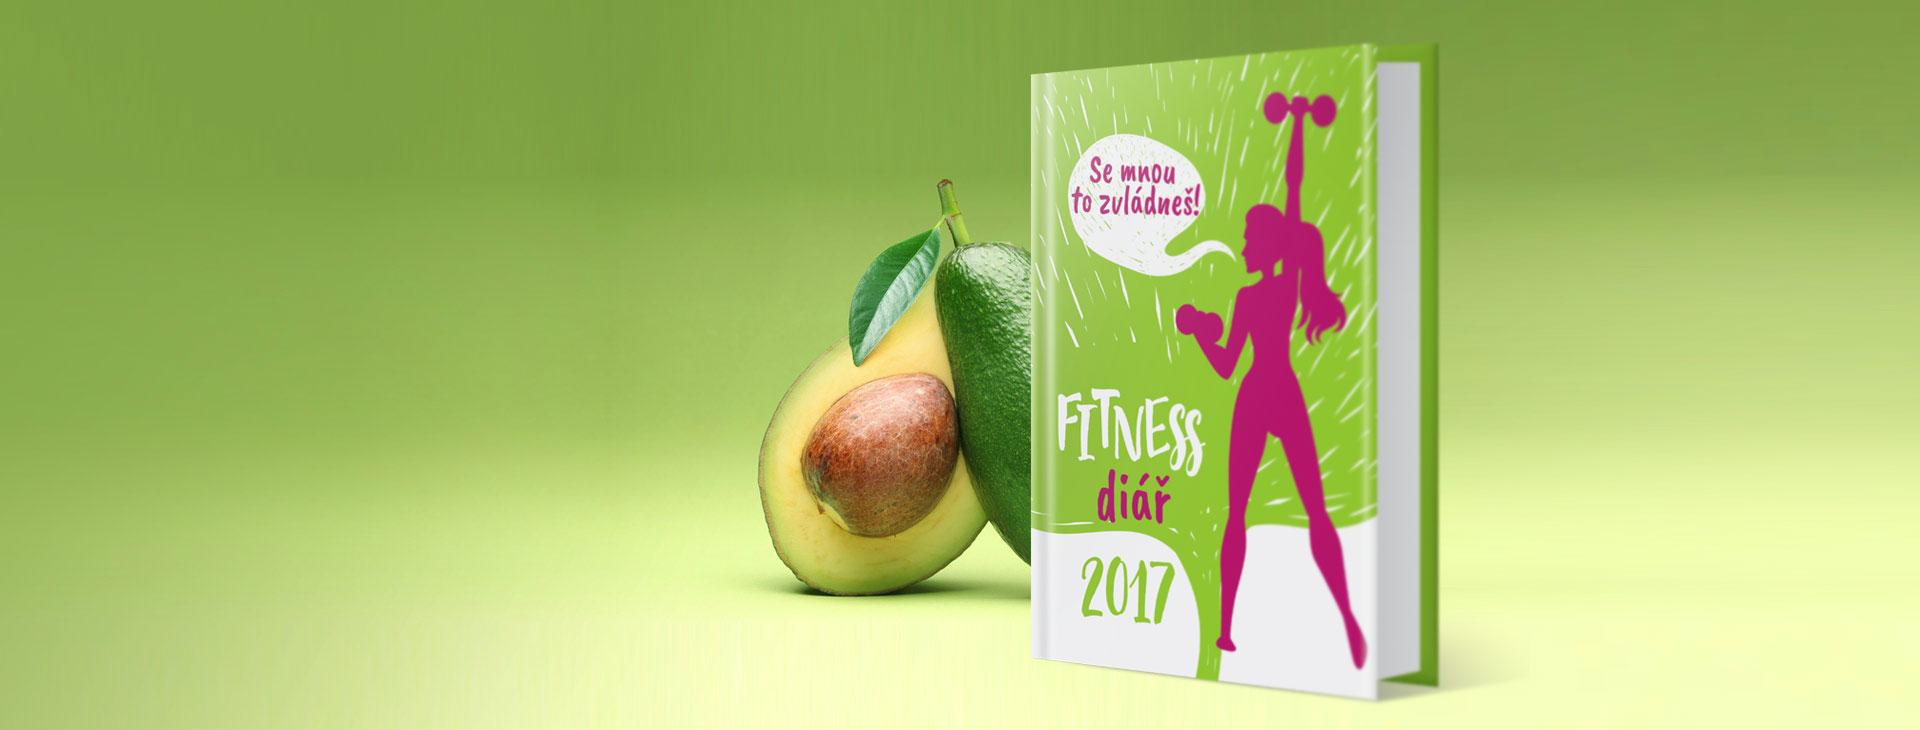 Nový fitness diár na rok 2017 je konečne tu